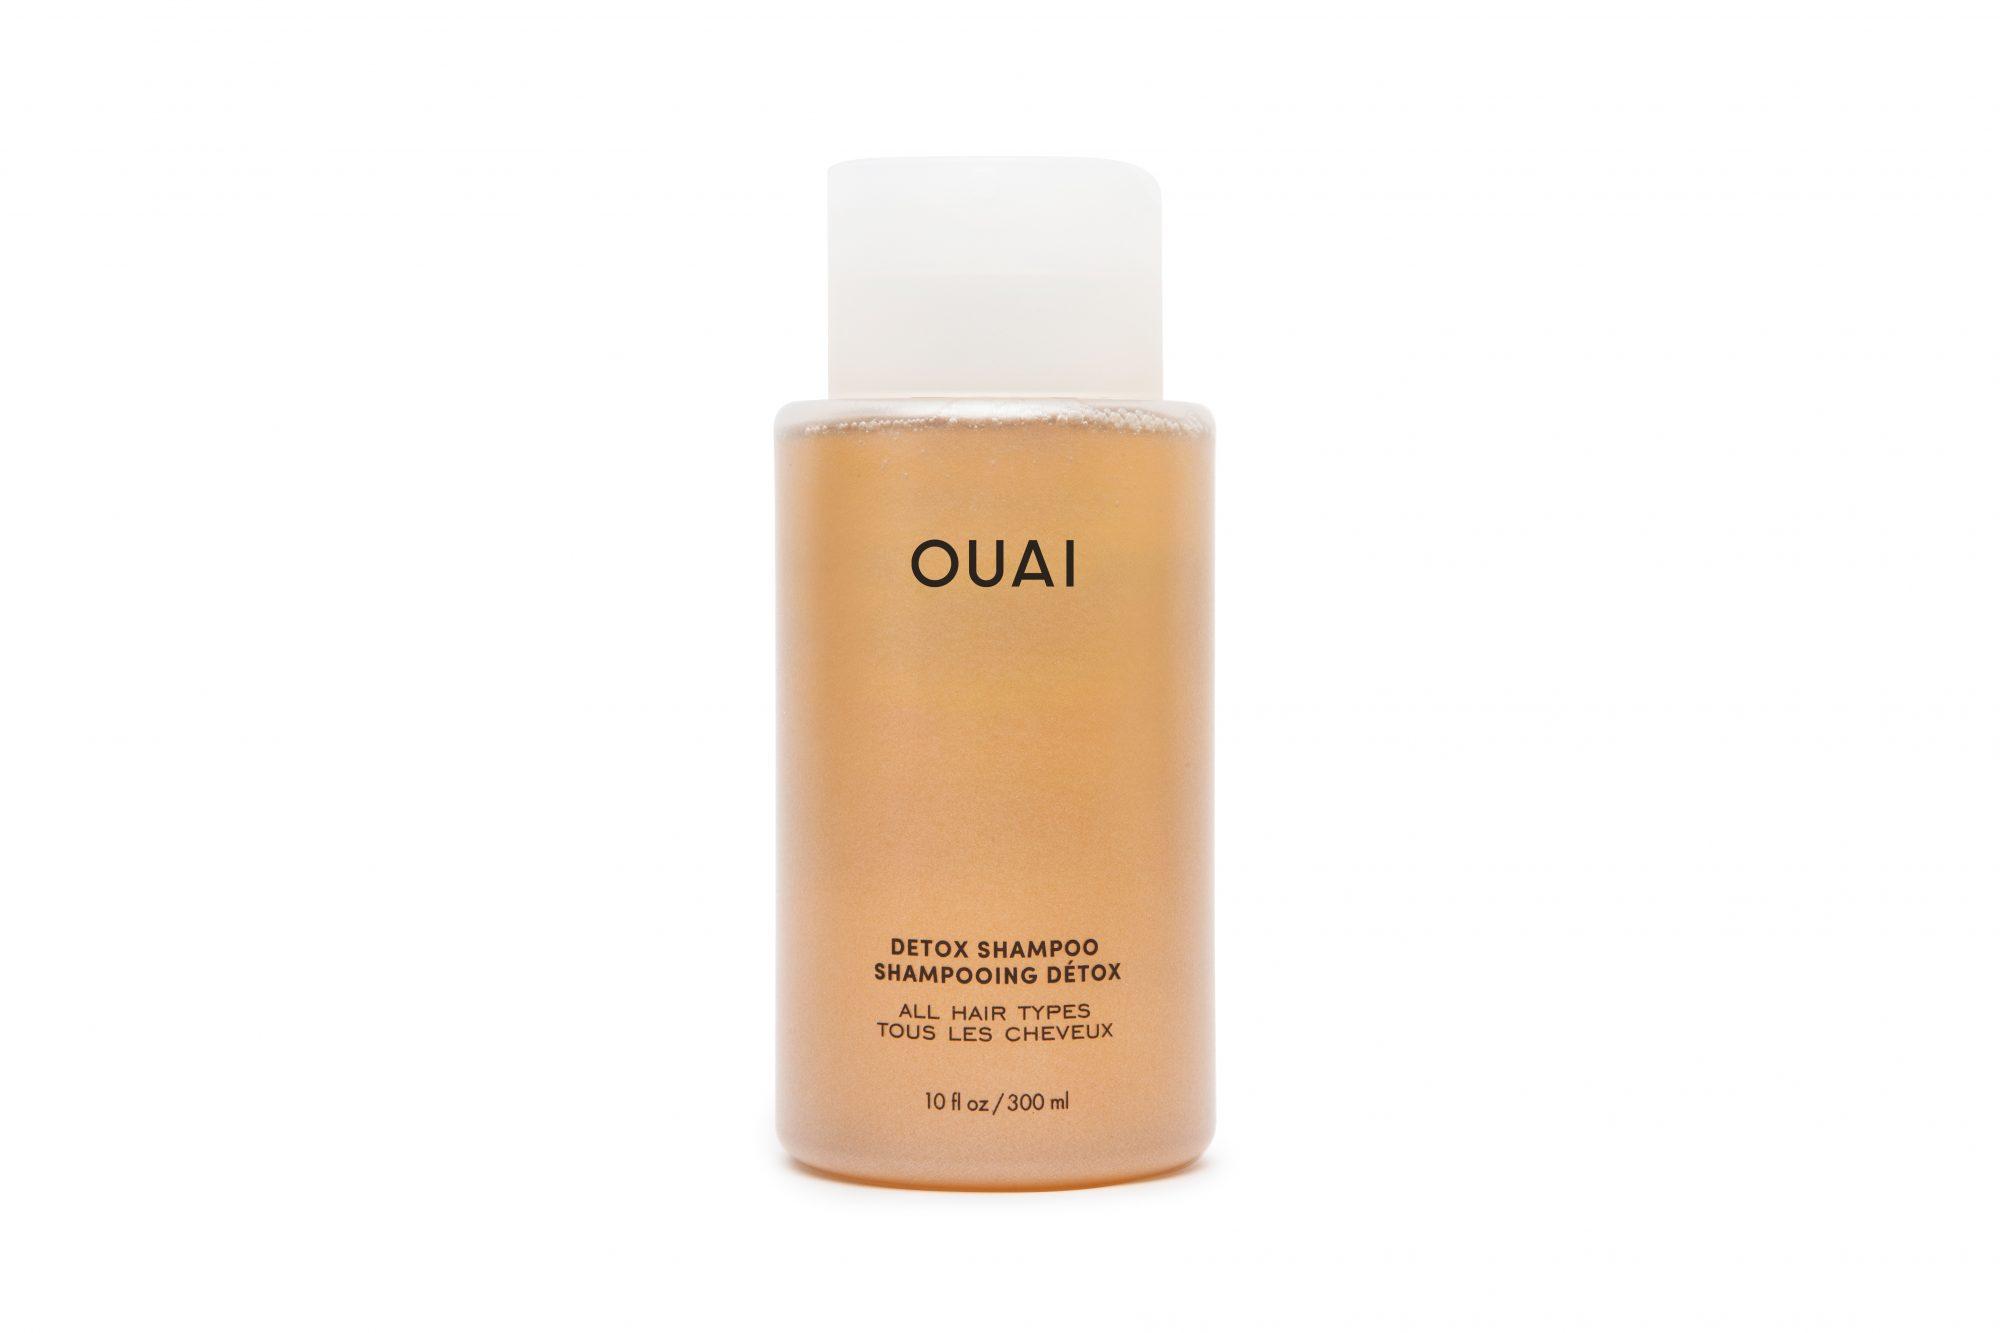 ouai-detox-shampoo-bottle.jpg